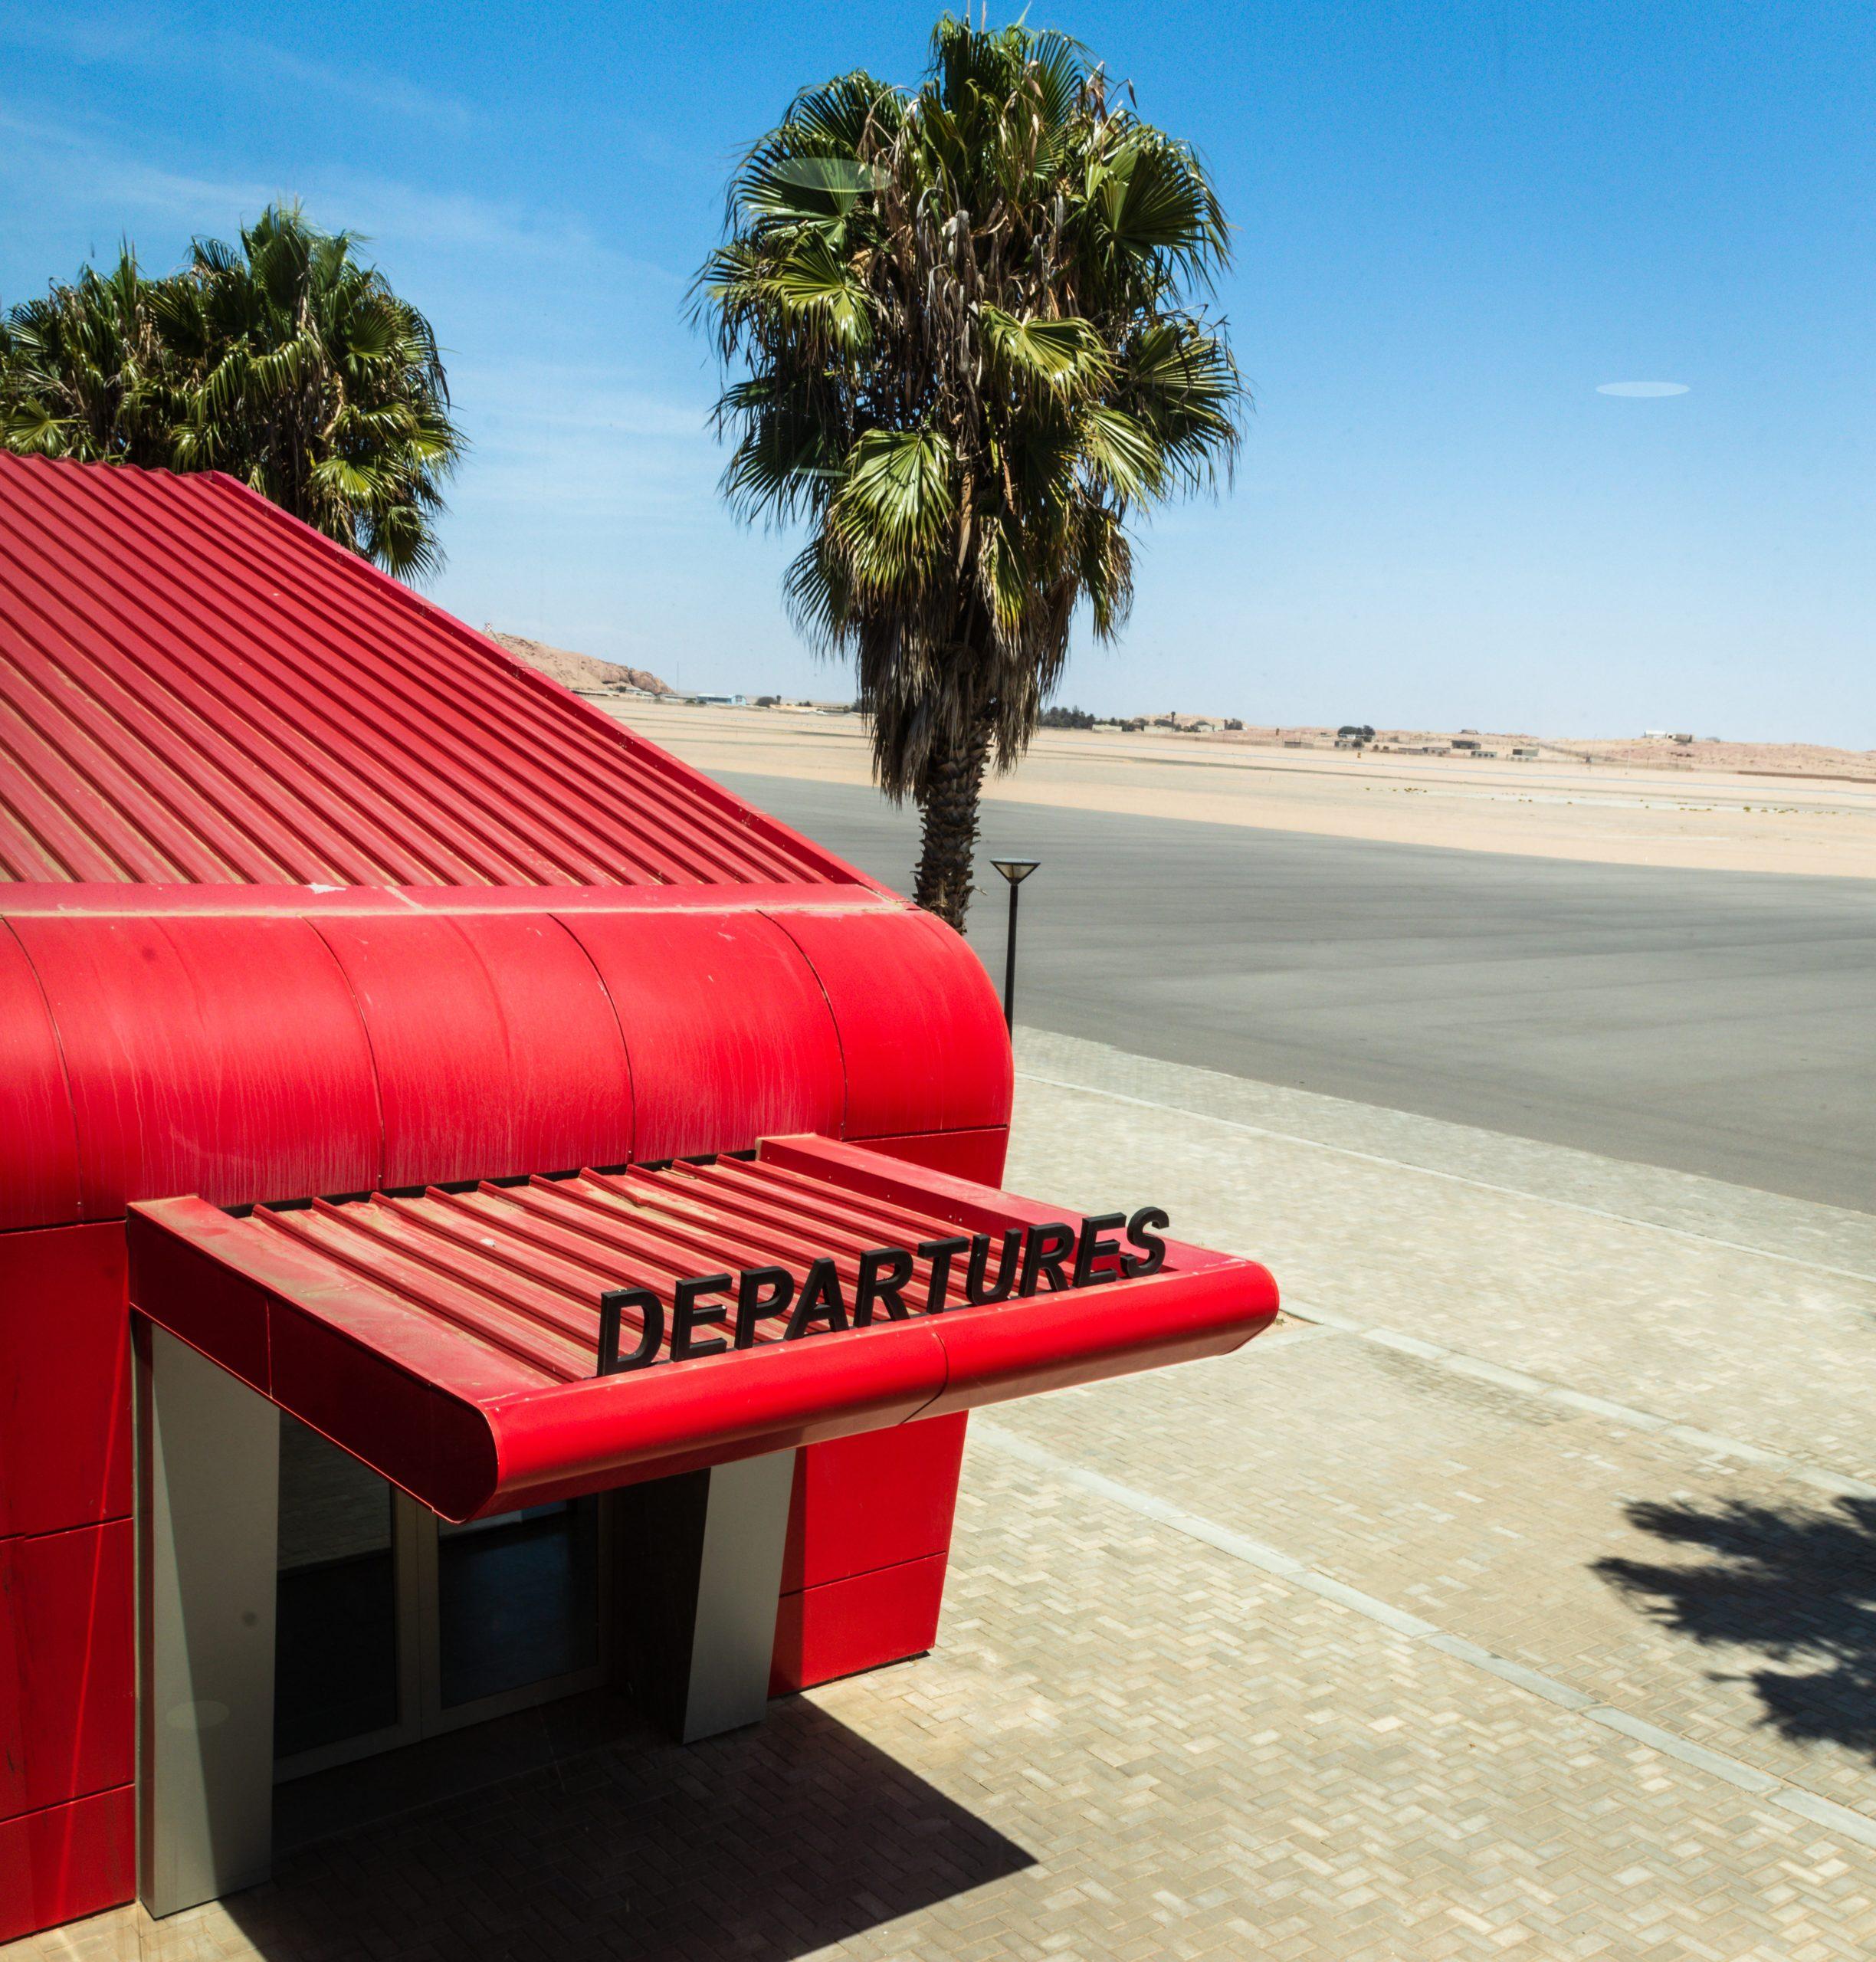 Departures at Bospar